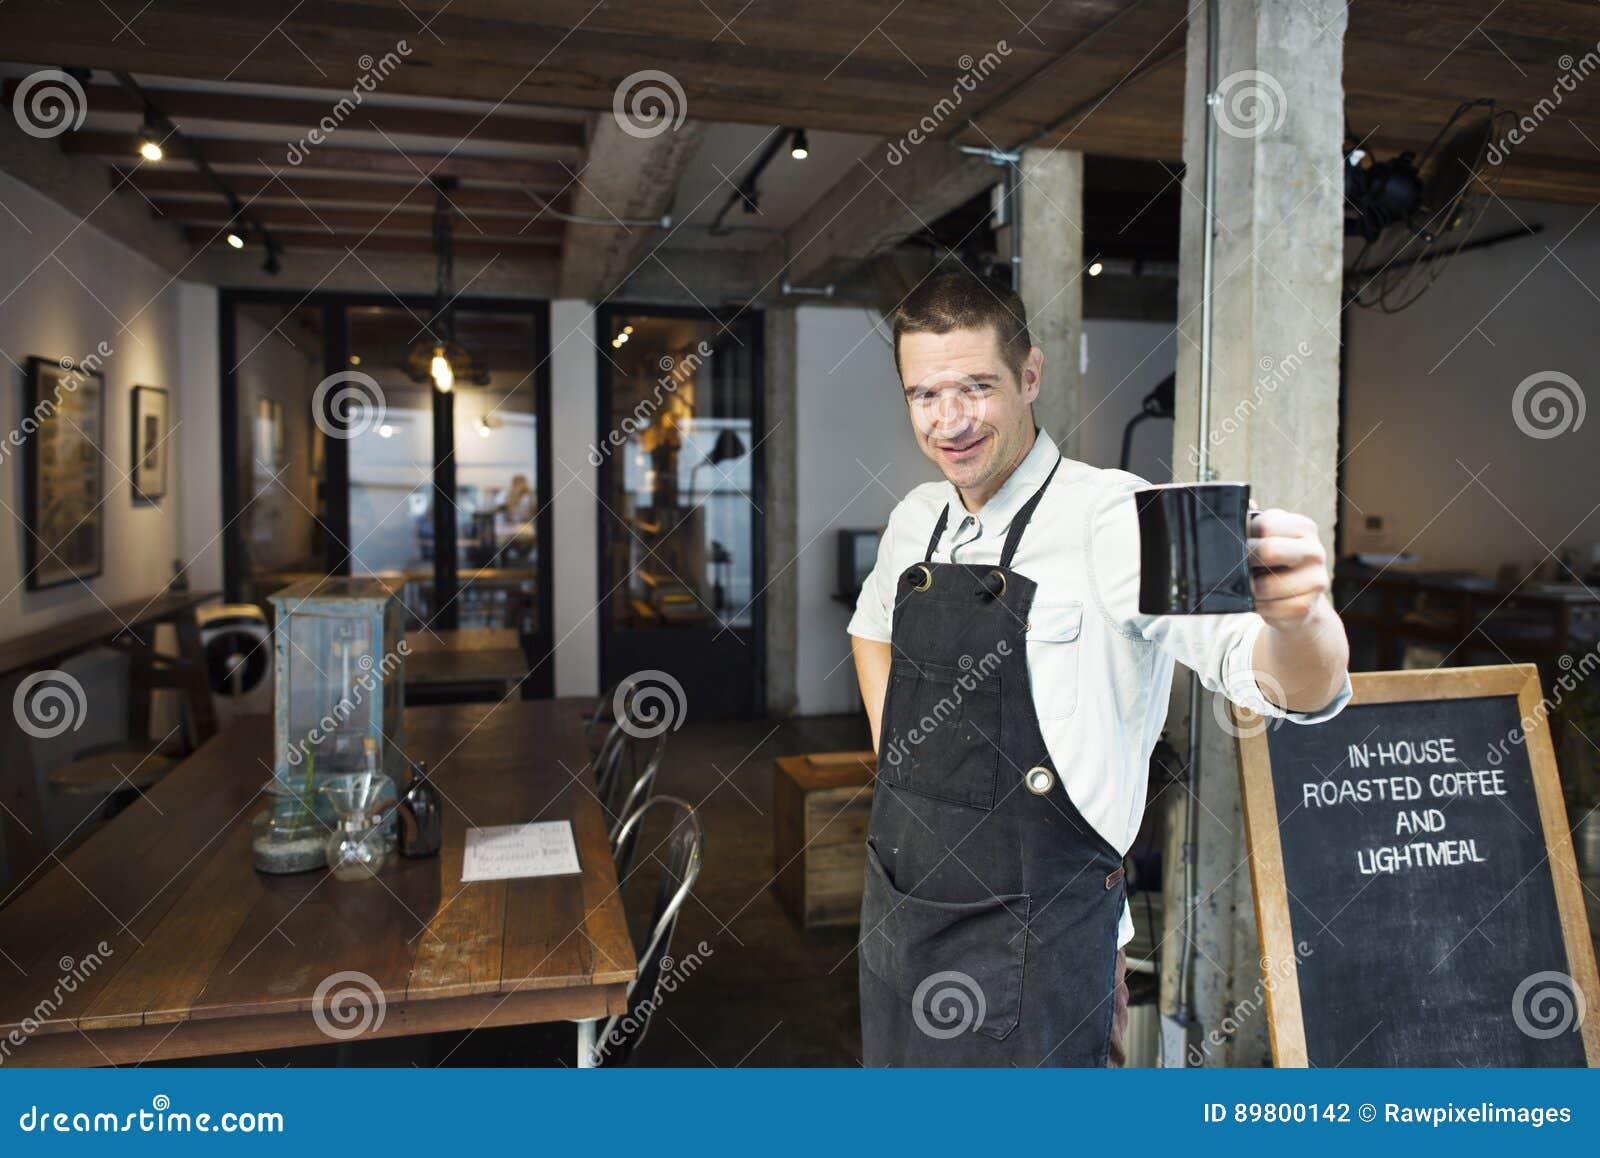 Schutzblech-Getränk-Geschäfts-Konzept Barista Coffee Steam Cafe